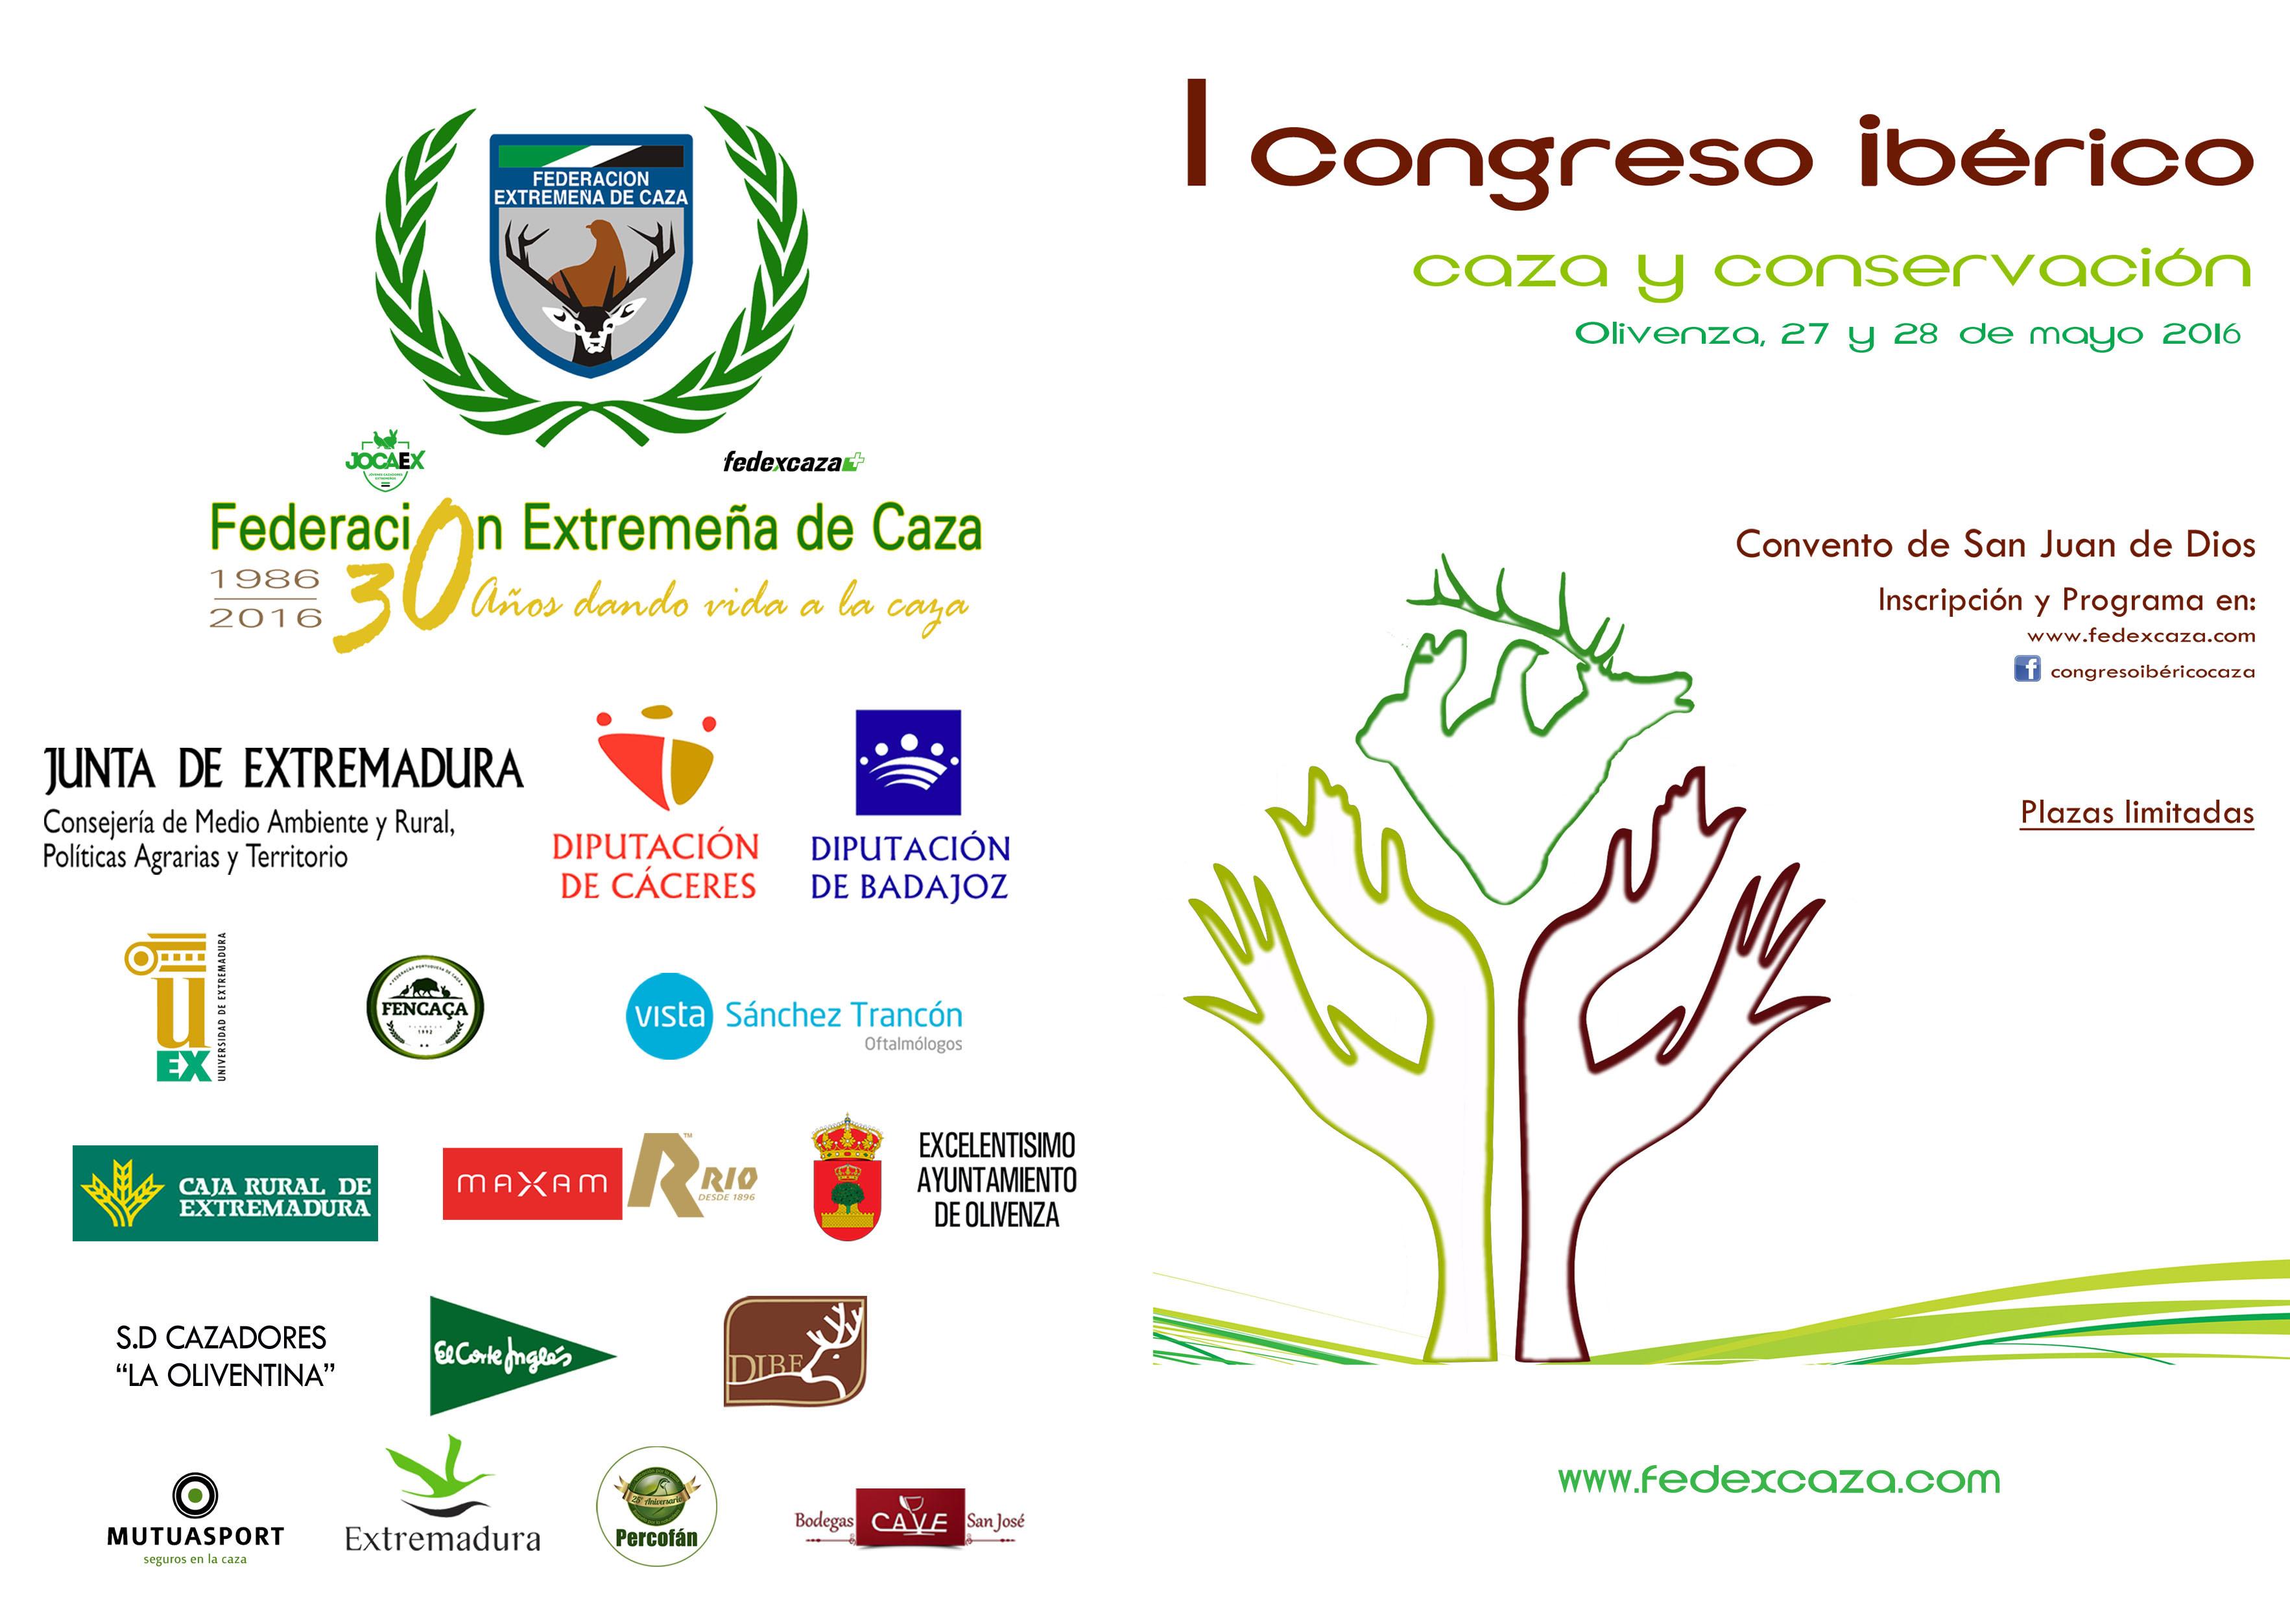 I Congreso Ibérico de Caza y Conservación